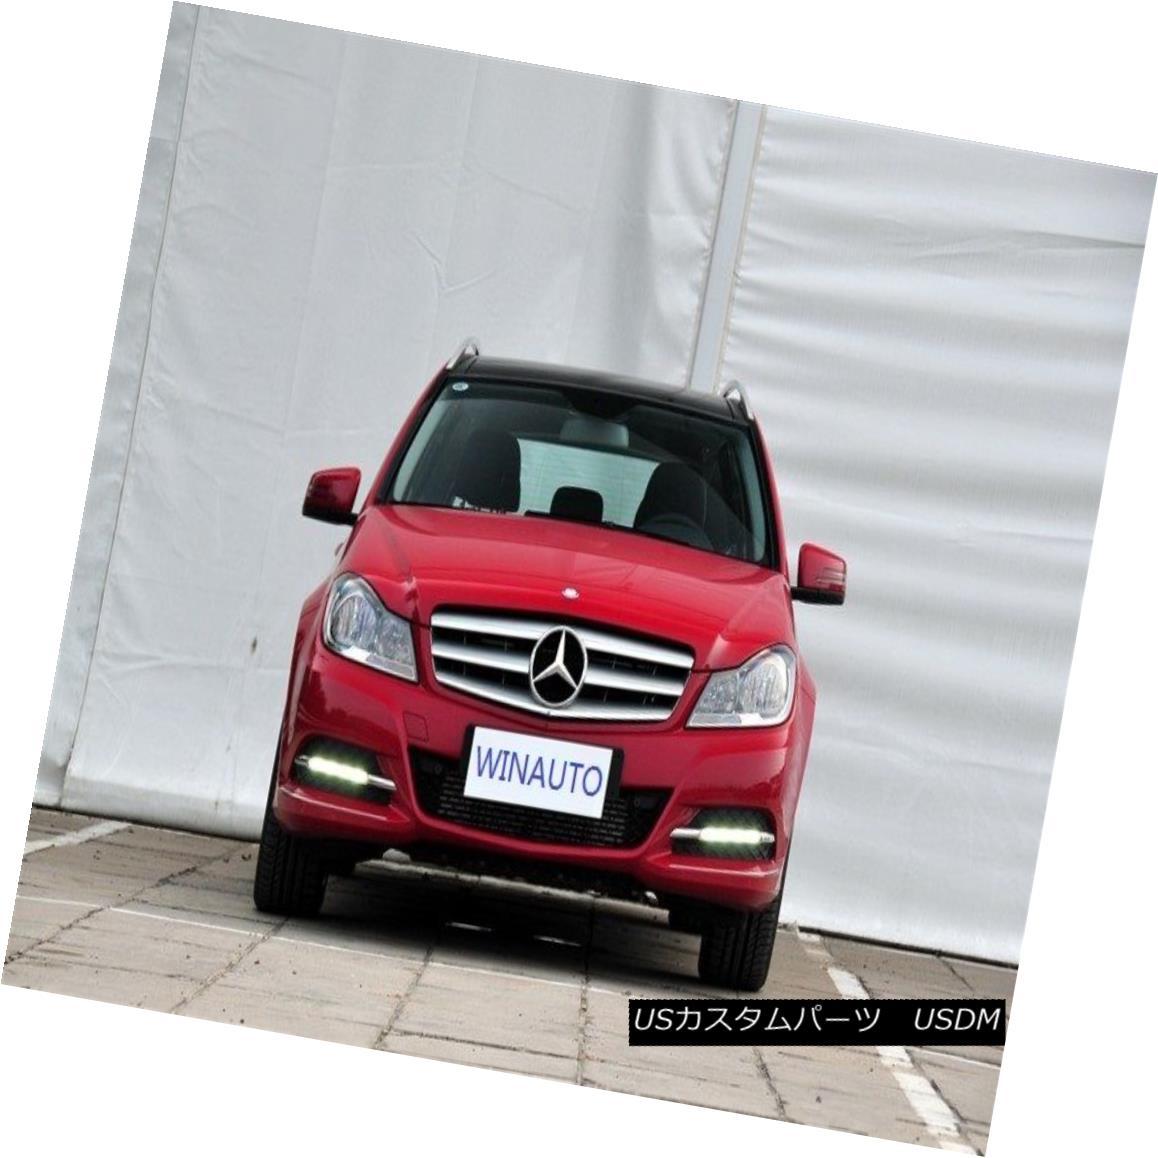 エアロパーツ DRL LED Driving Daytime Running Light For Benz W204 C200 C260 C300 2011-2012 ベンツW204 C200 C260 C300 2011-2012のための昼間走行灯を運転しているDRL LED